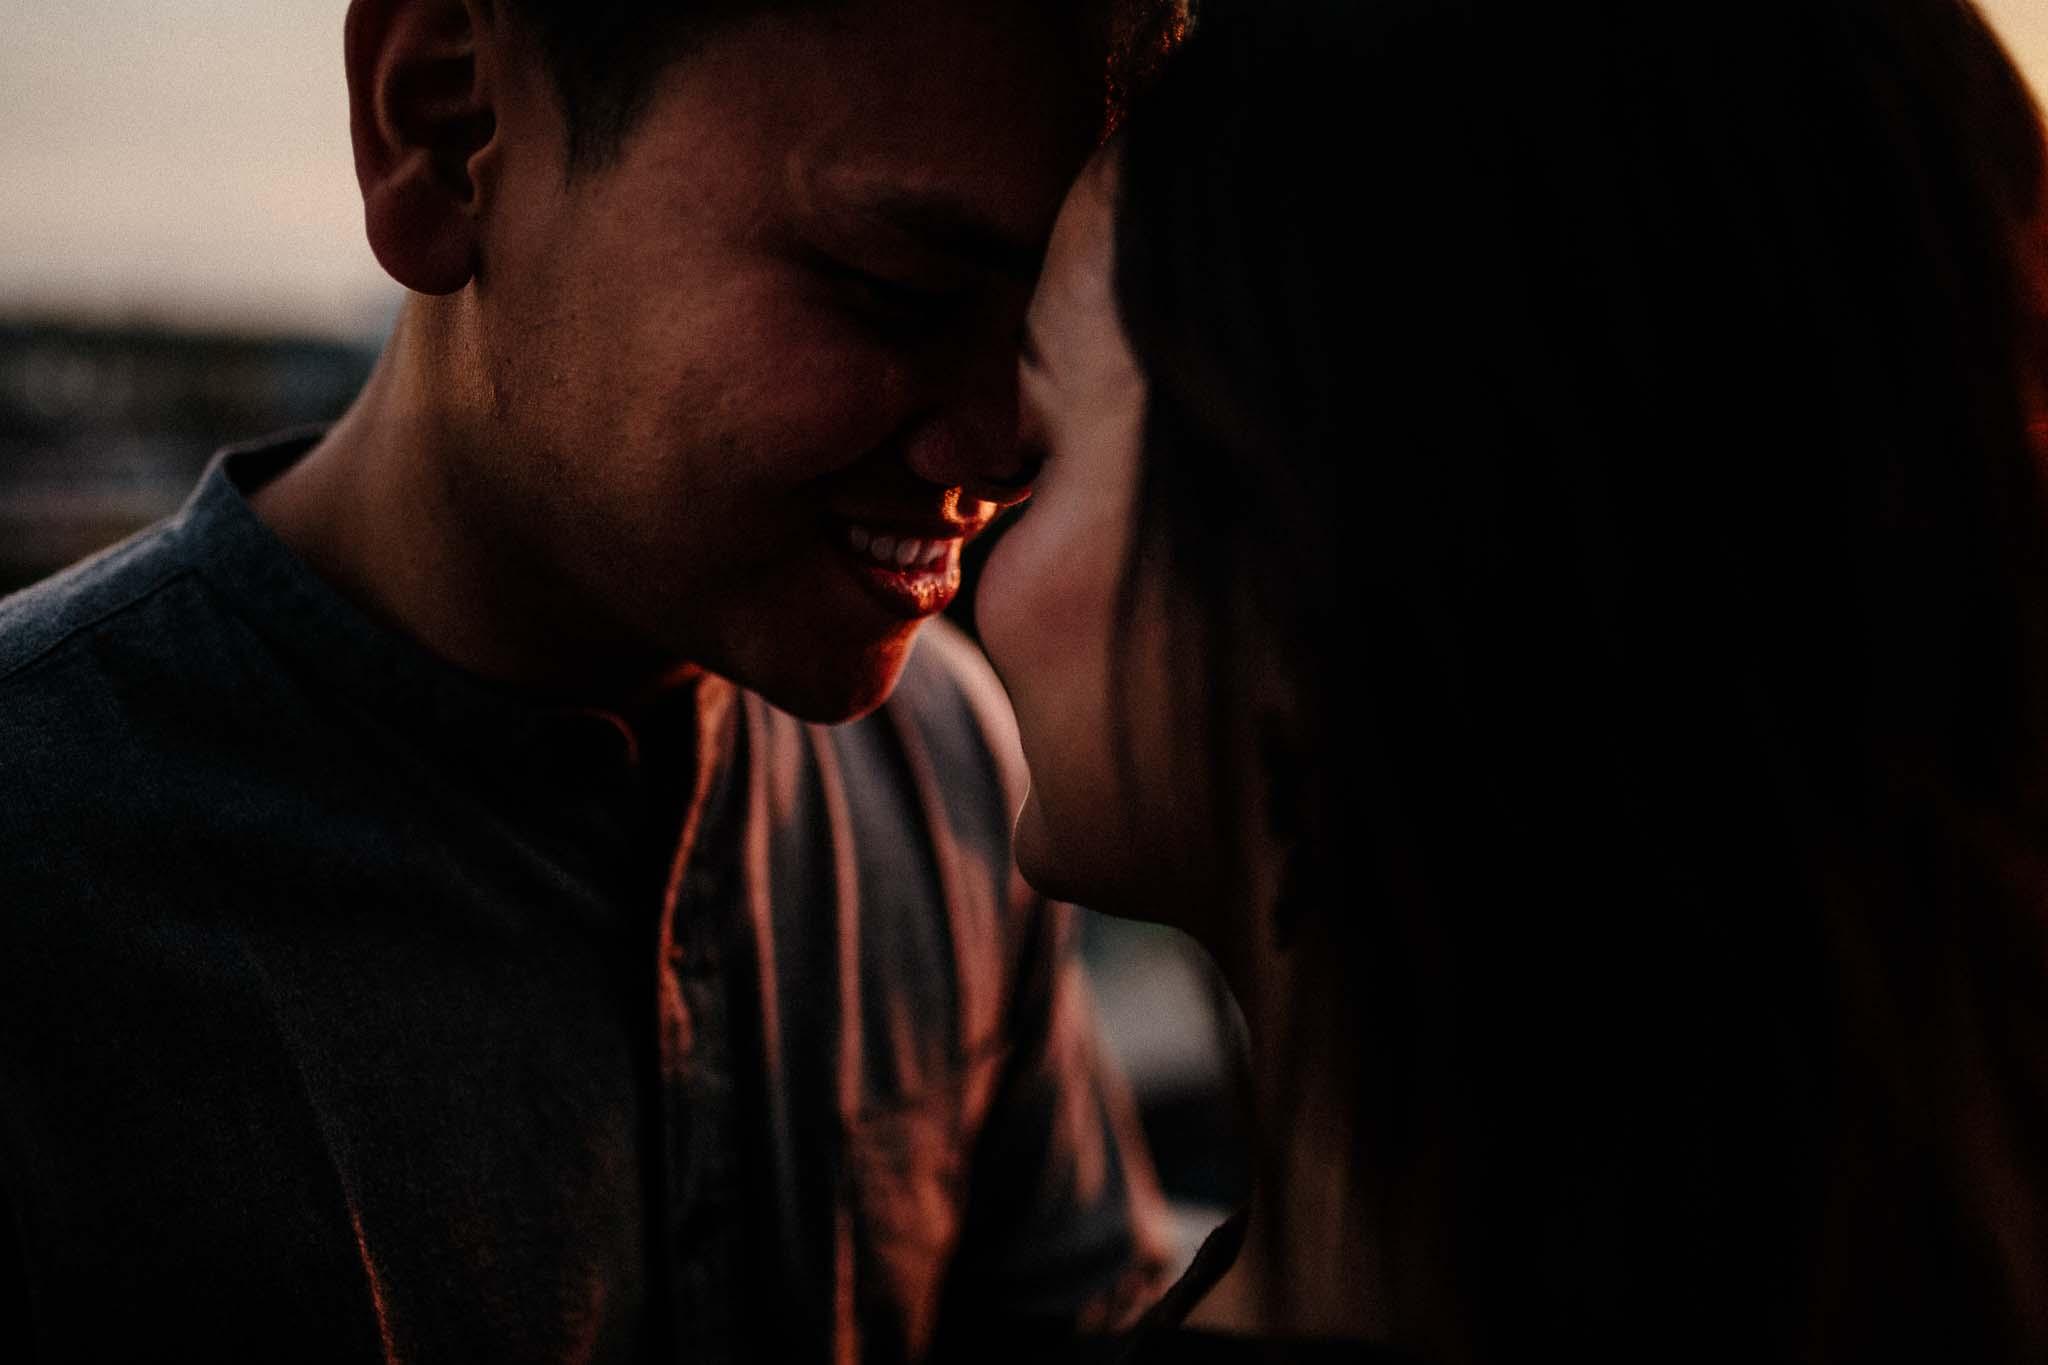 qila&elyas-weddingsbyqay-lovesession (294 of 297).jpg